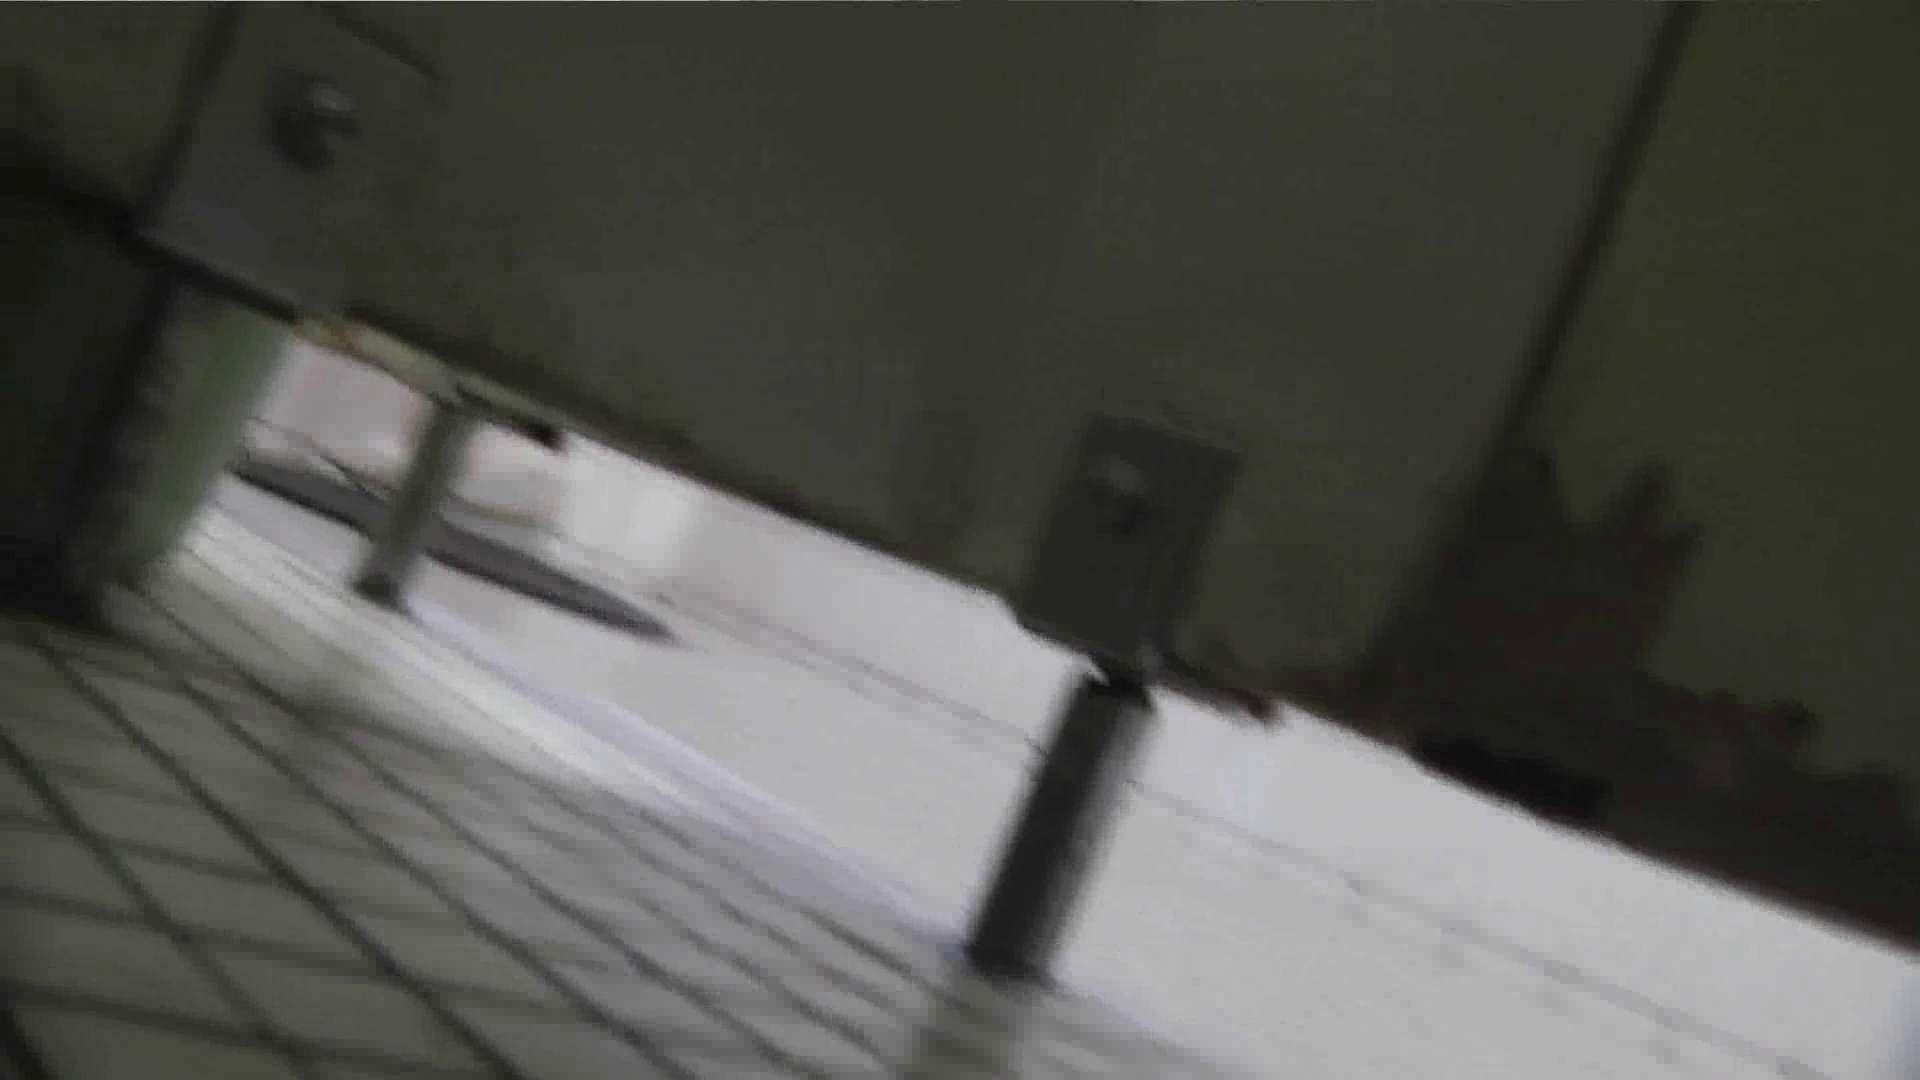 【美しき個室な世界】 vol.025 メガネ属性ヾ(´∀`)ノ HなOL  94pic 12